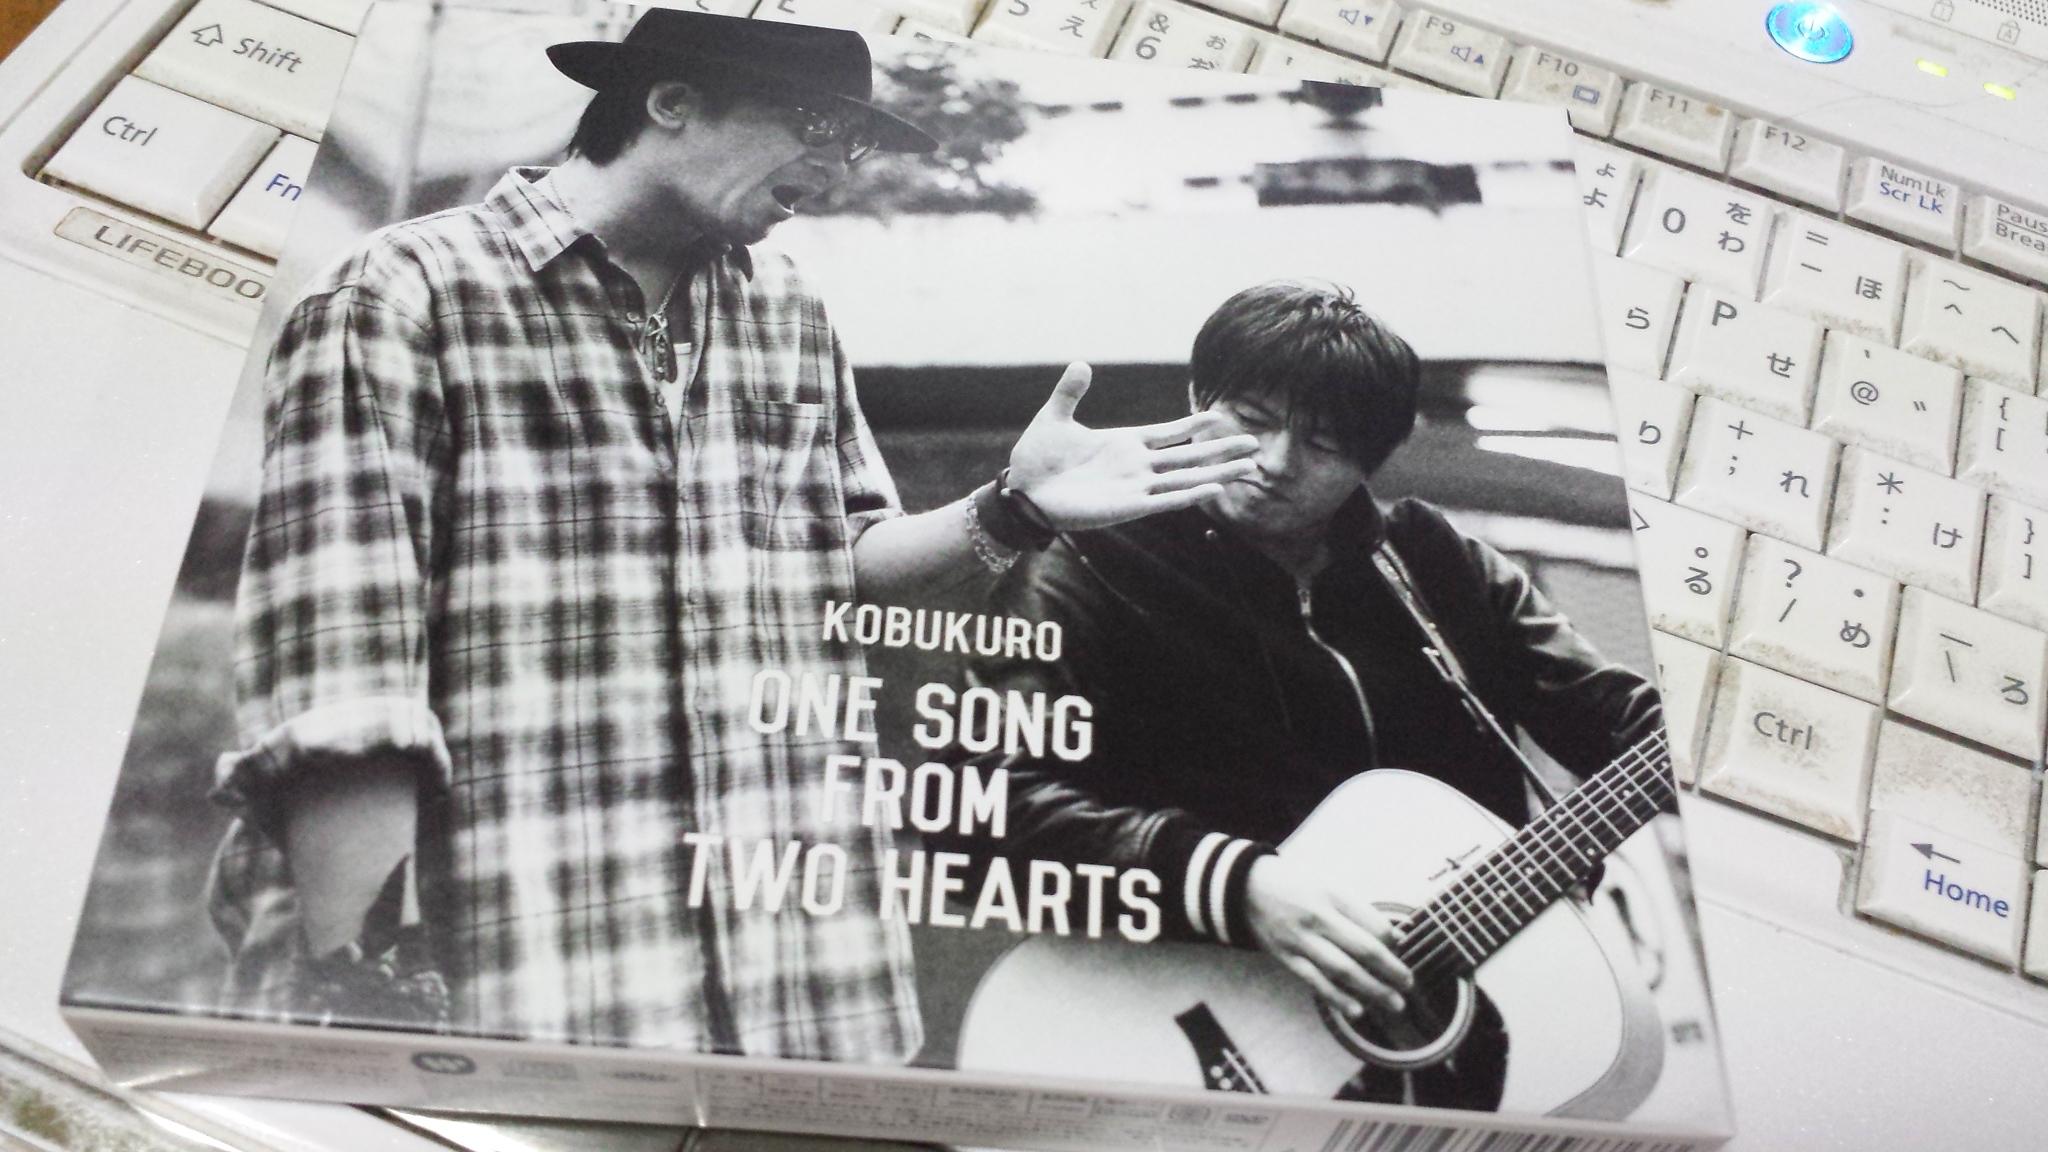 コブクロ「ONE SONG FROM TWO HEARTS」